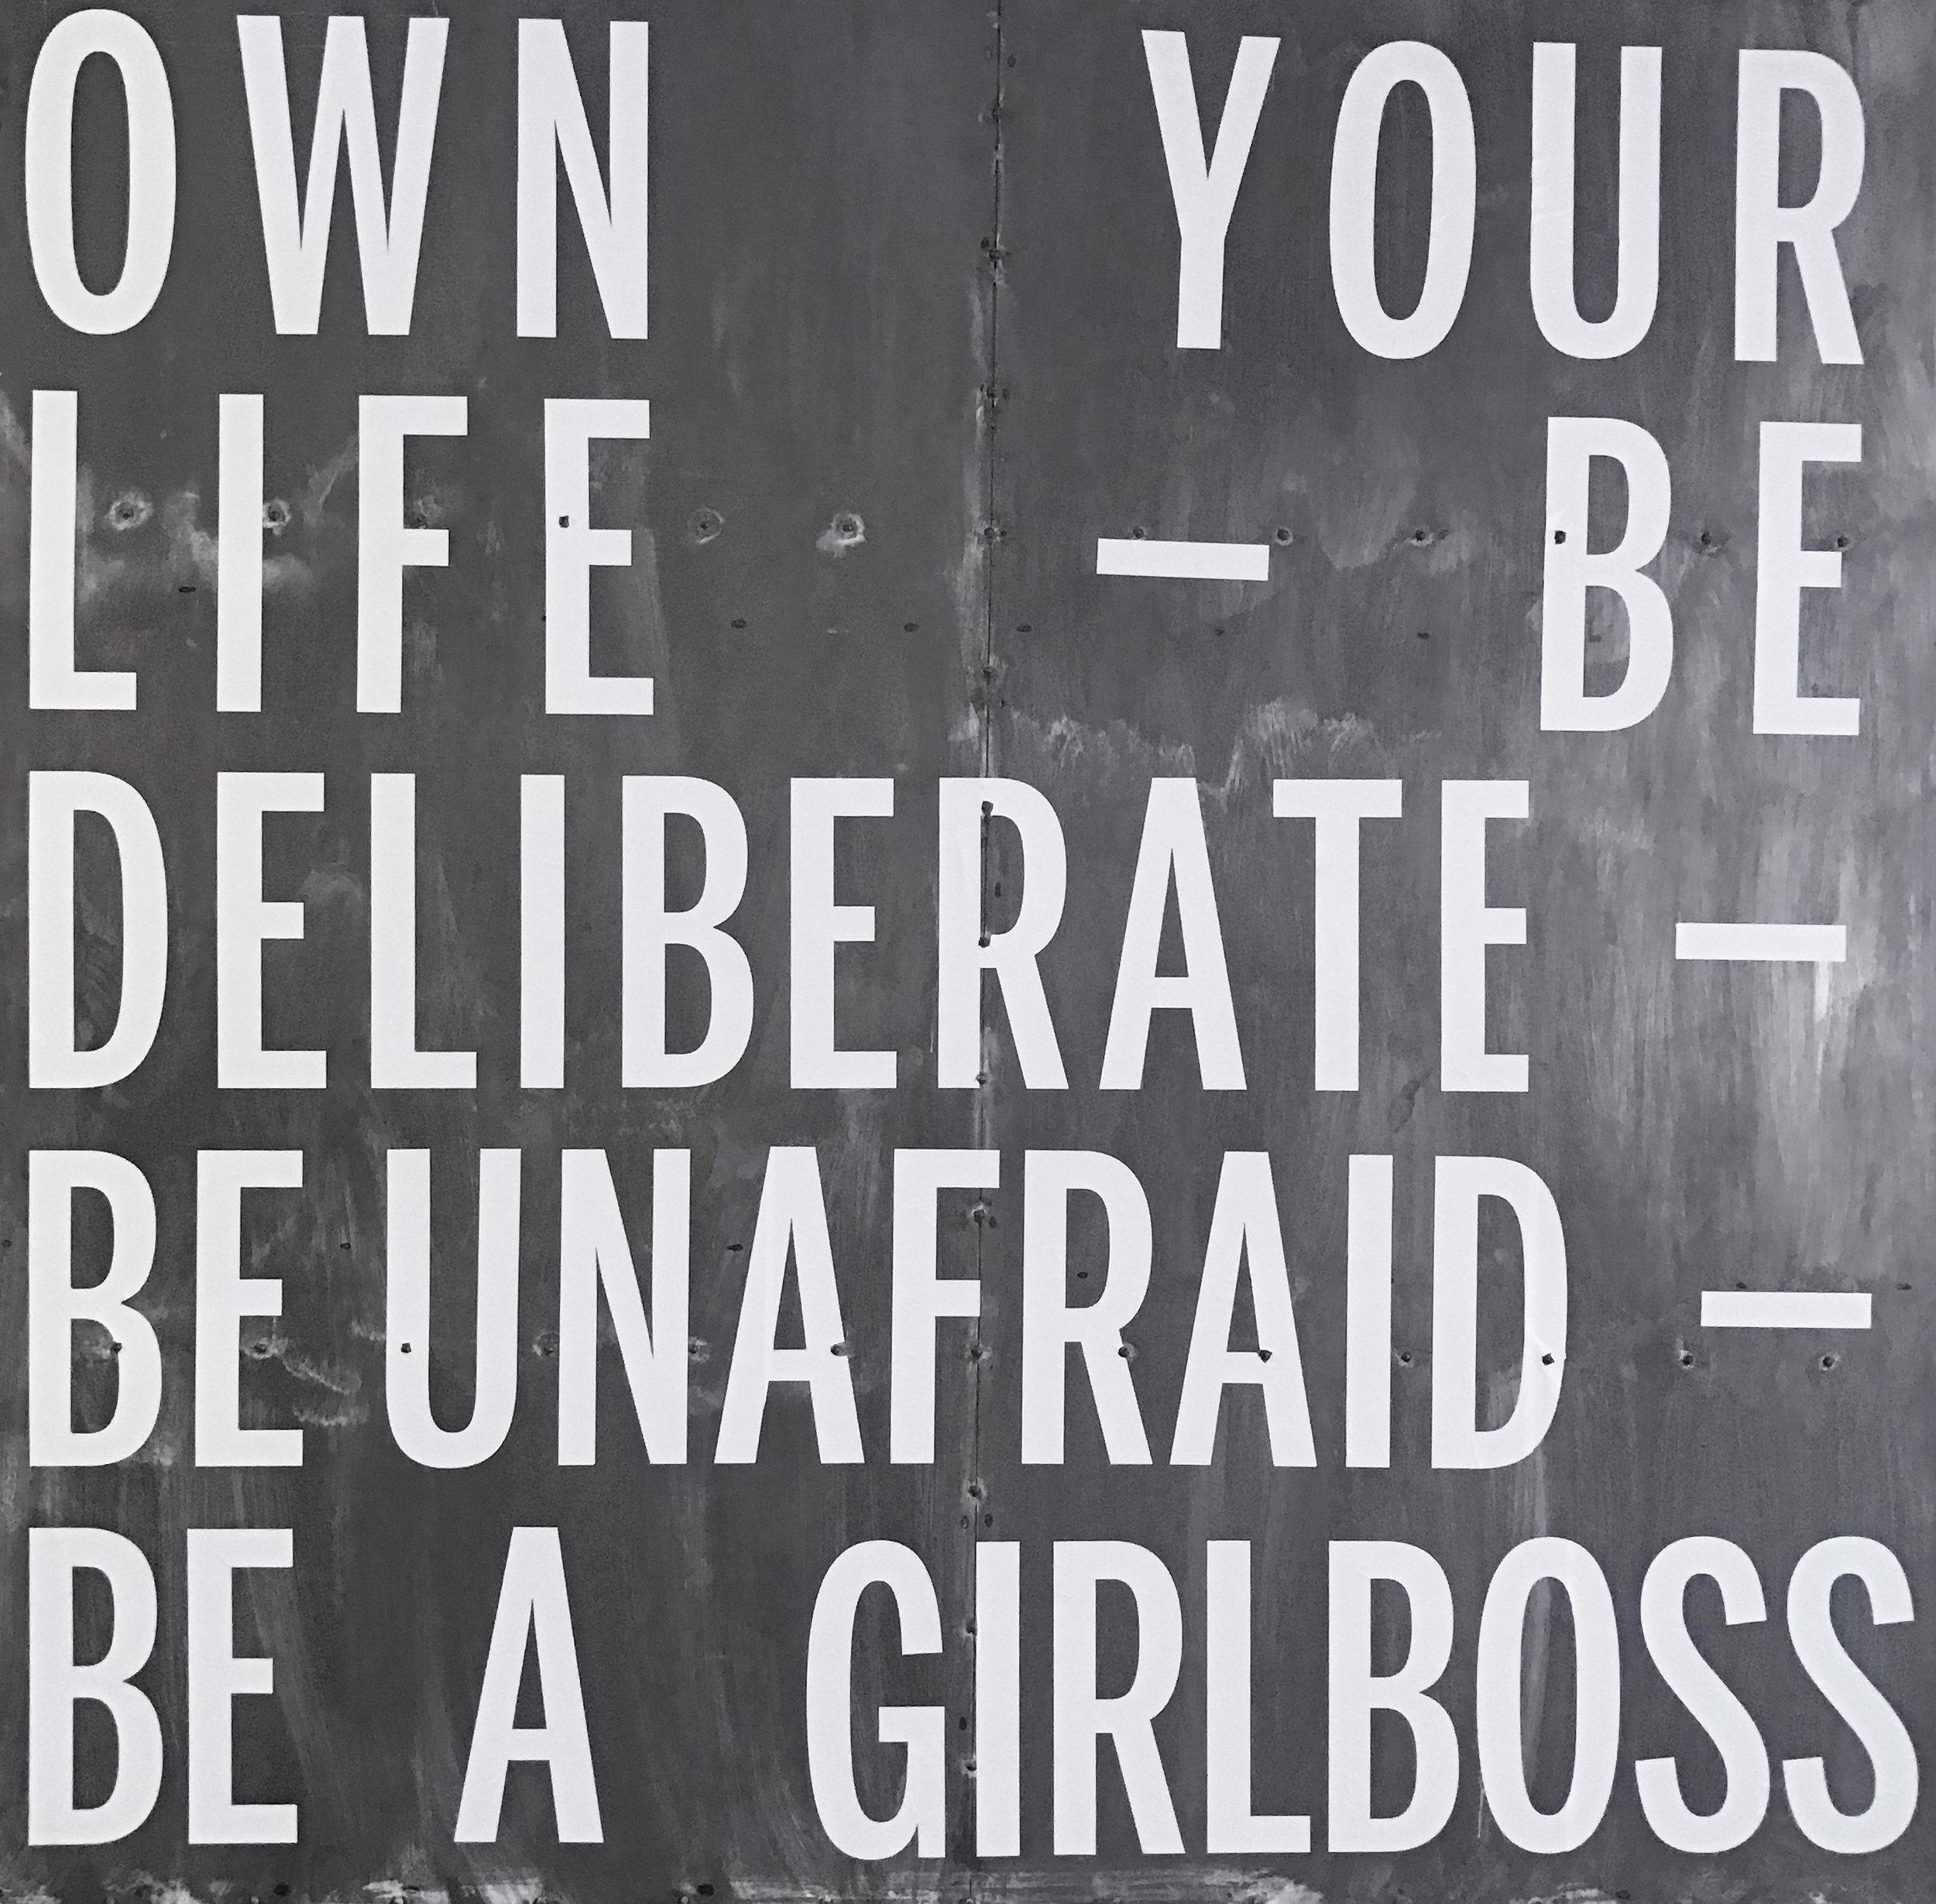 Be a #girlboss.